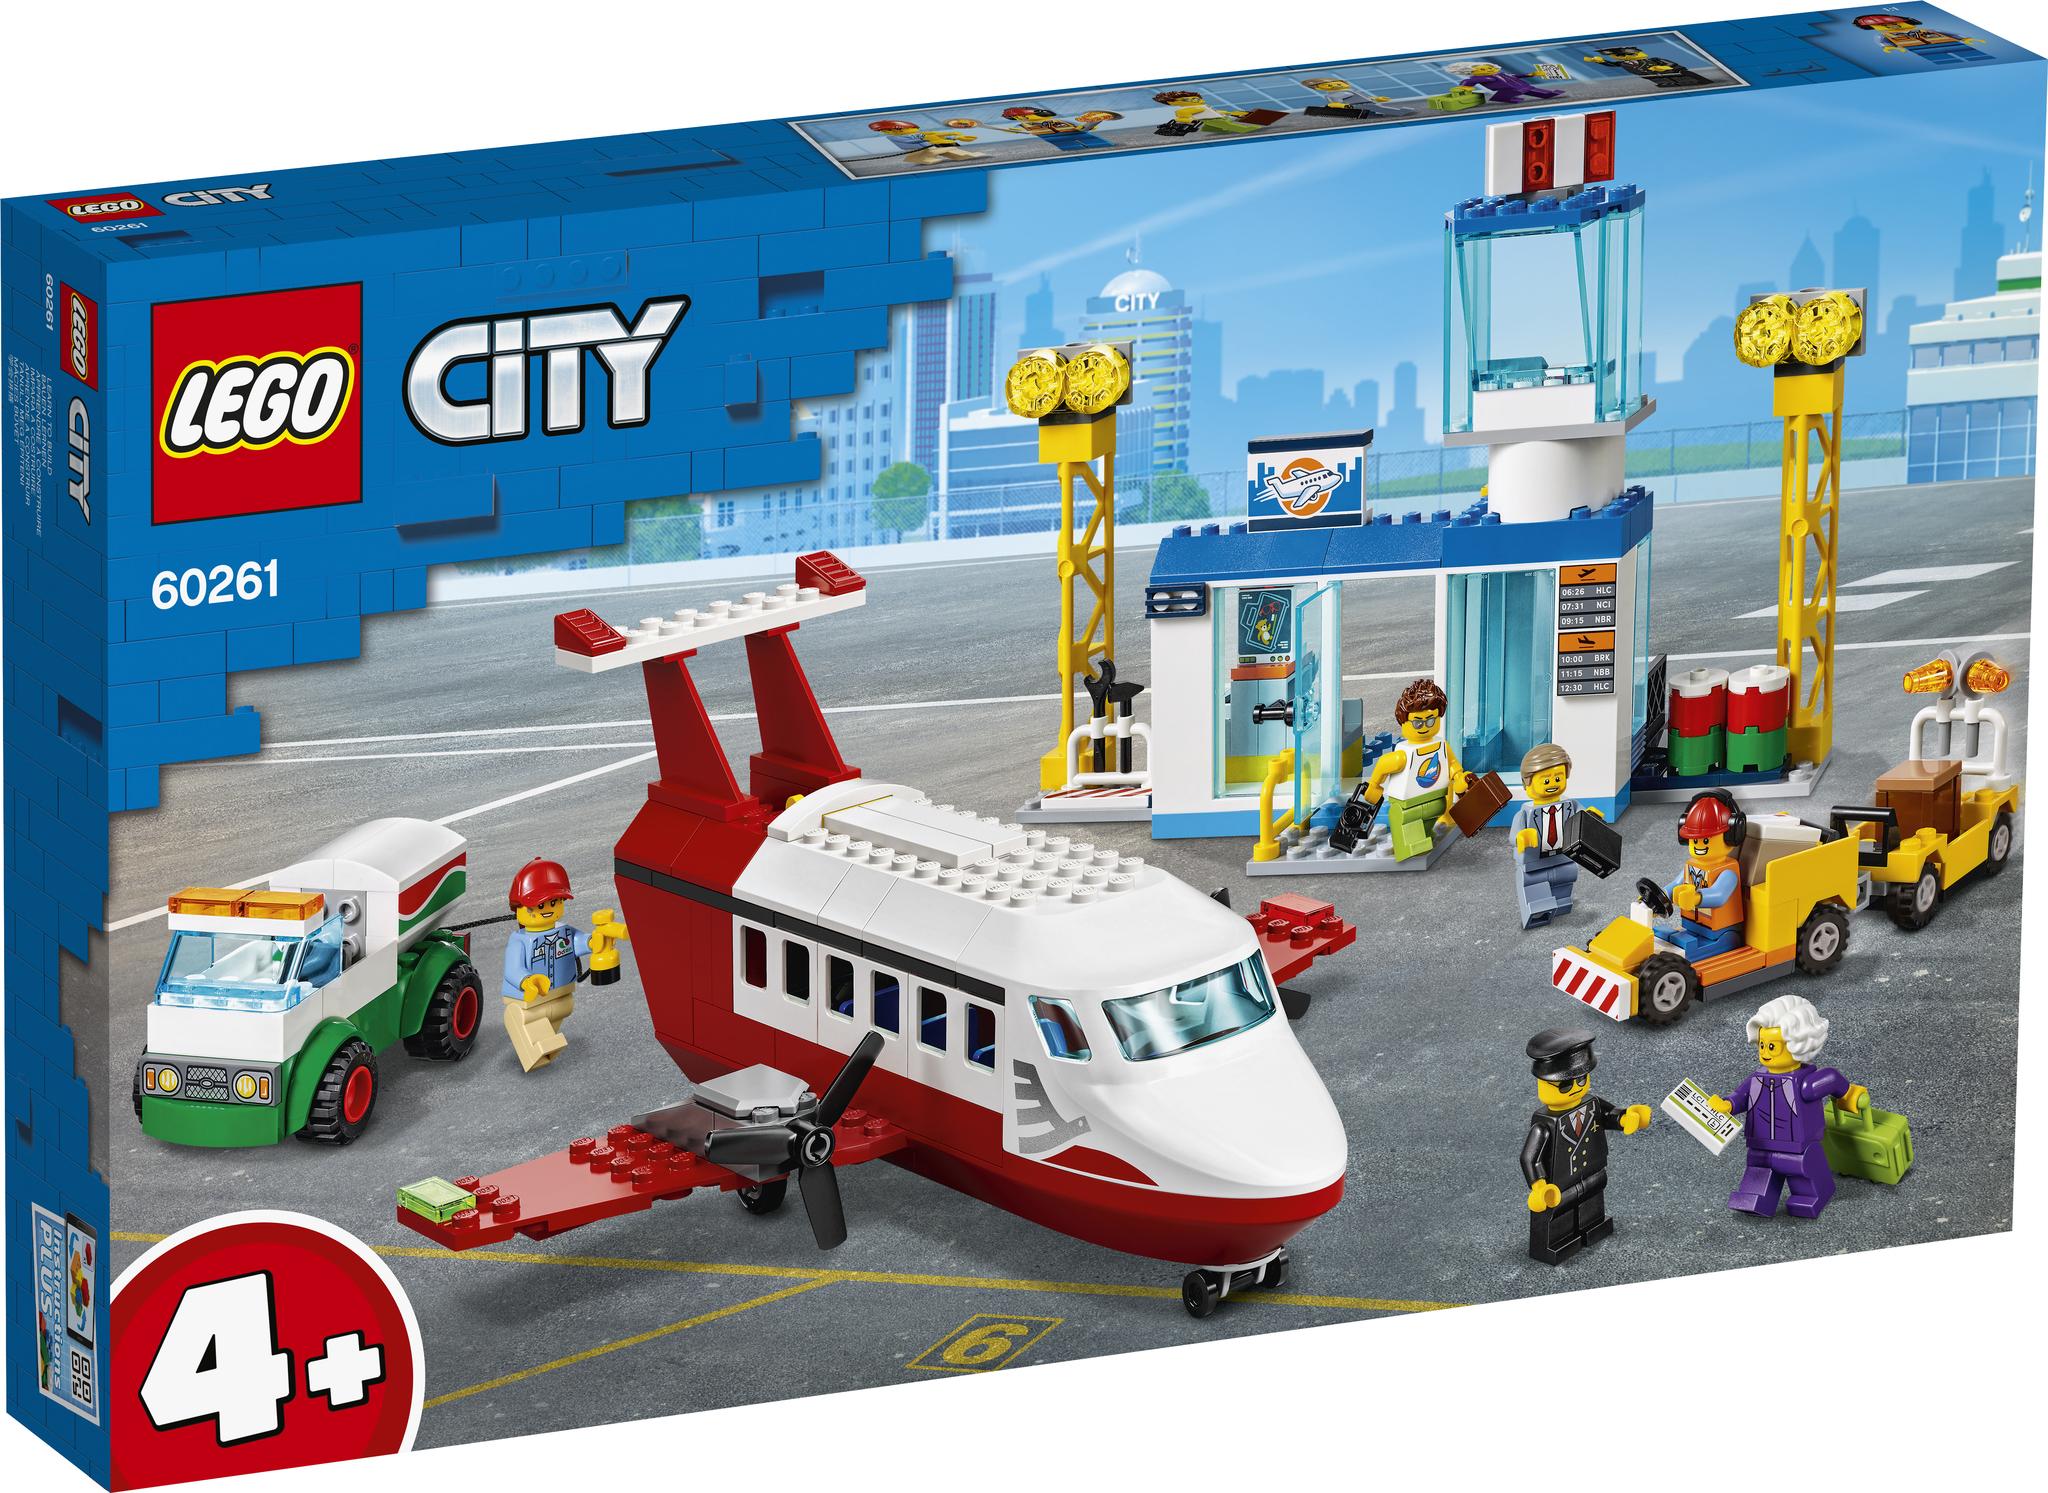 LEGO City 60261 Конструктор ЛЕГО Городской аэропорт